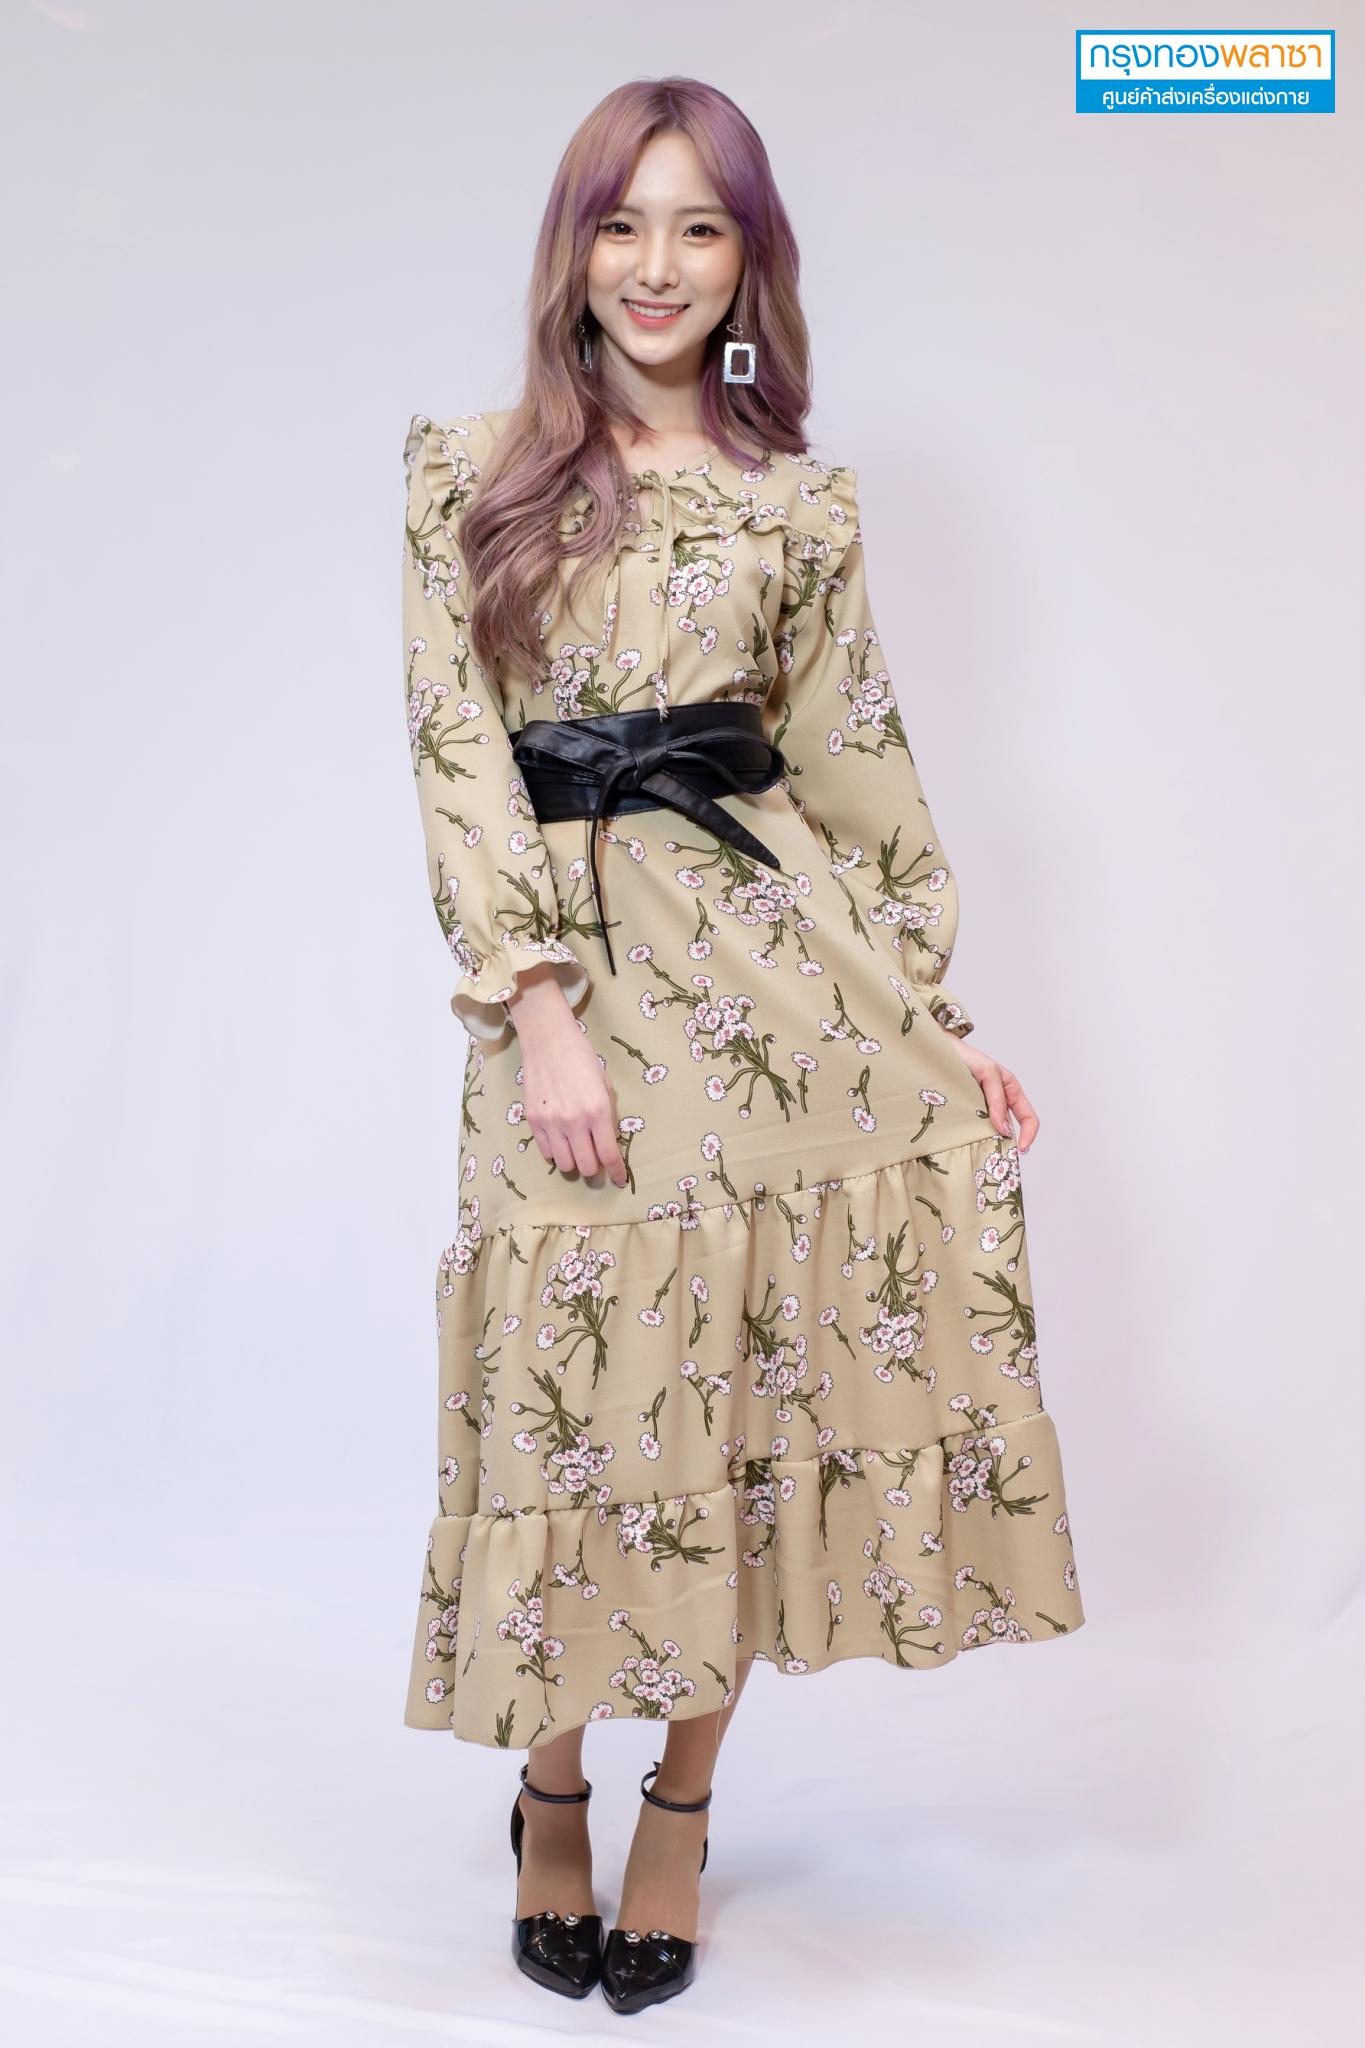 nene dress_๑๙๐๓๑๓_0016